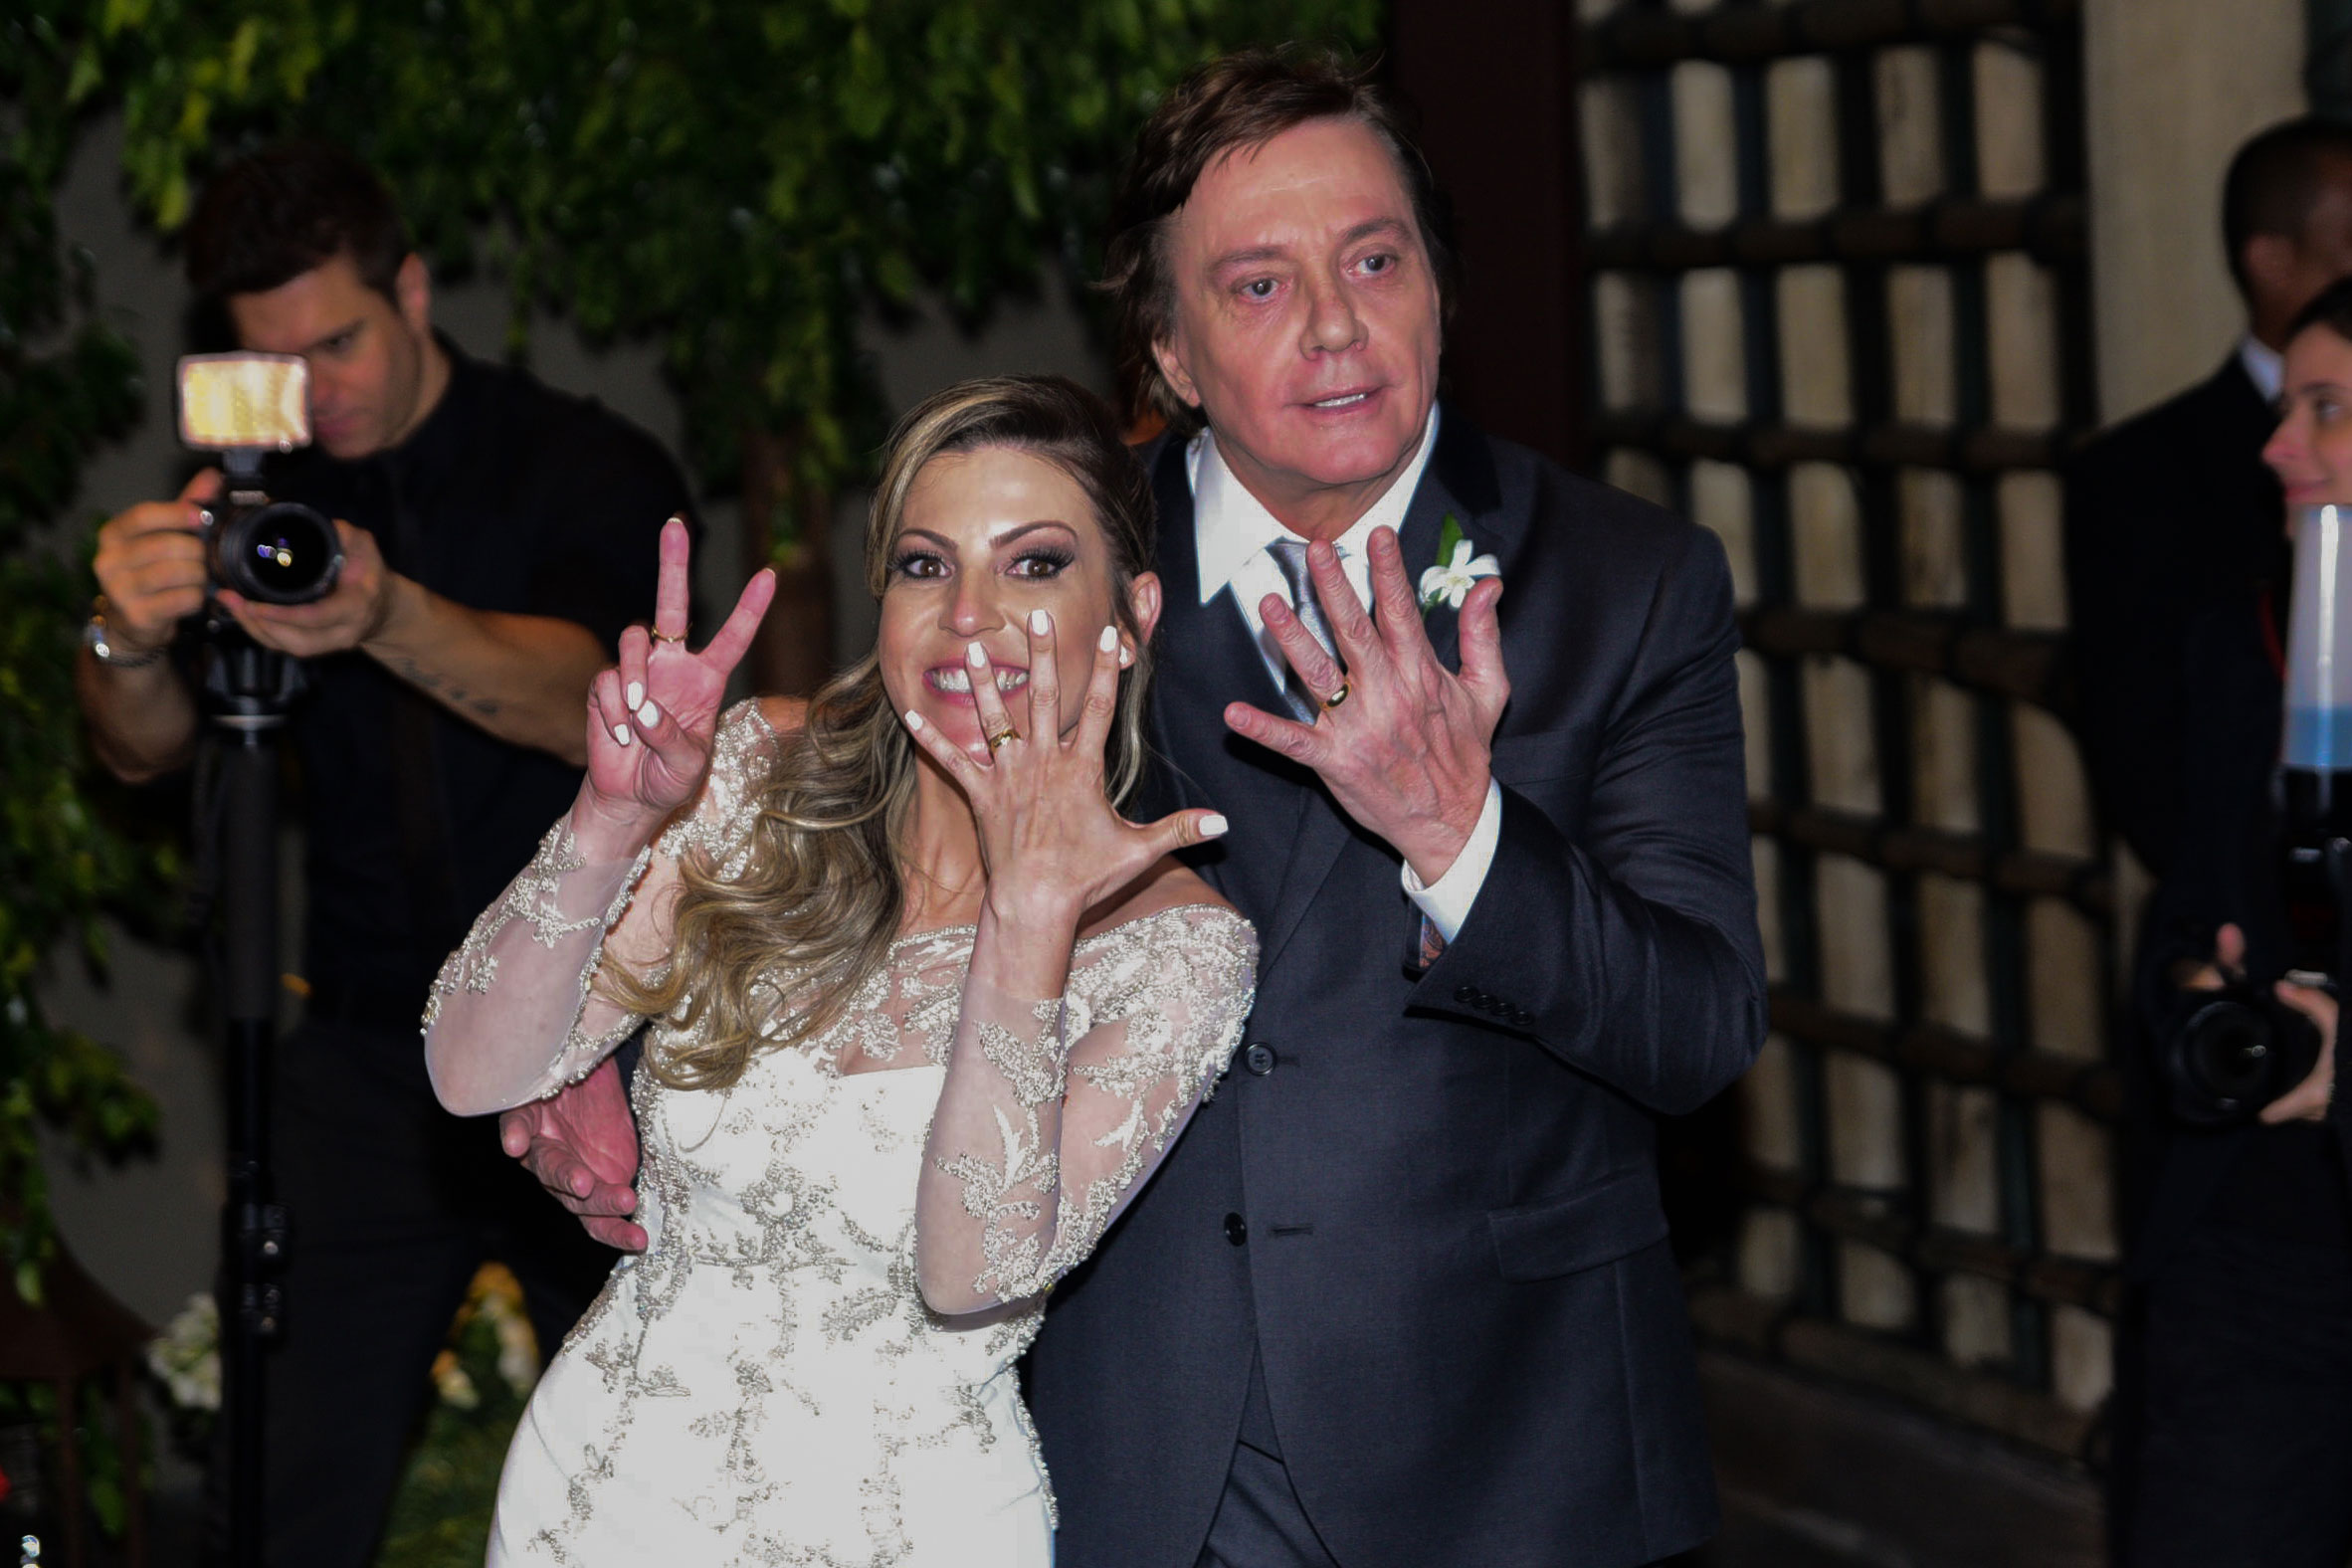 Veja as fotos do casamento do casamento de Fábio Jr. e Fernanda Pascucci